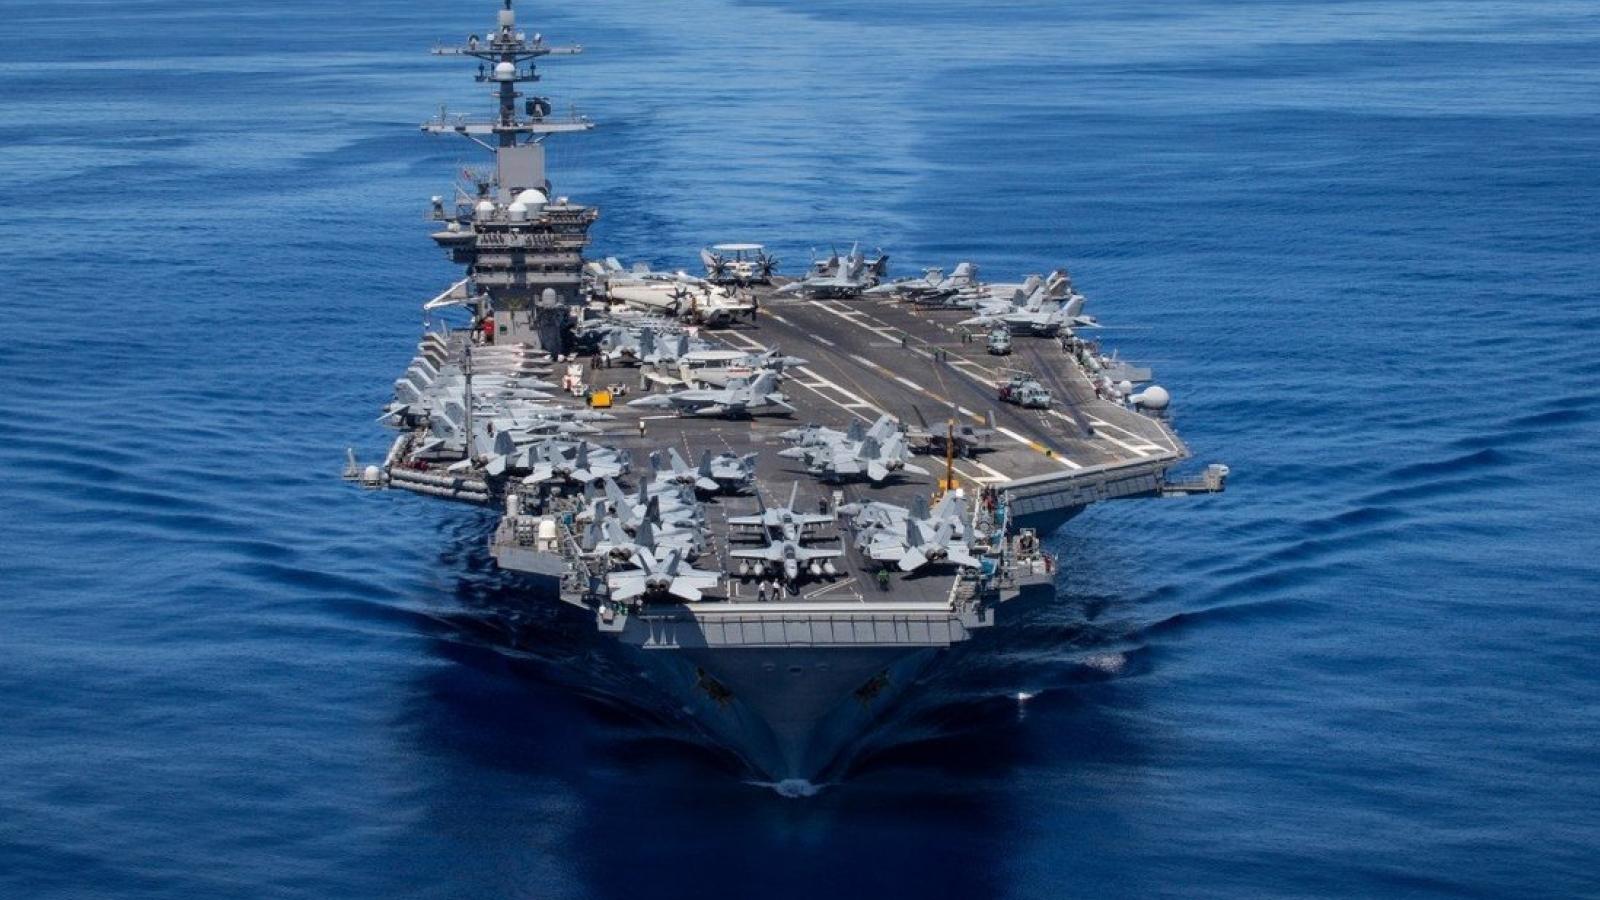 Mỹ tập trận ở Ấn Độ Dương-Thái Bình Dương, gửi thông điệp cứng rắn tới Trung Quốc